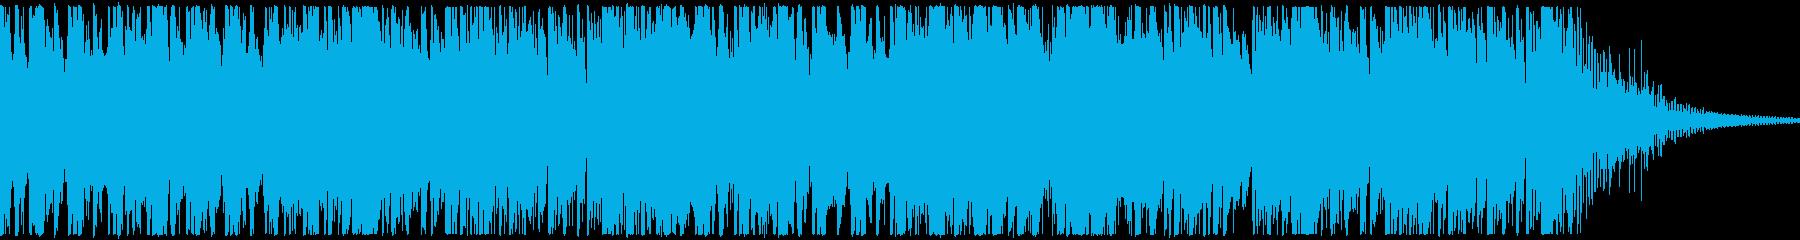 騎馬戦等をイメージした映画的な打楽器の曲の再生済みの波形